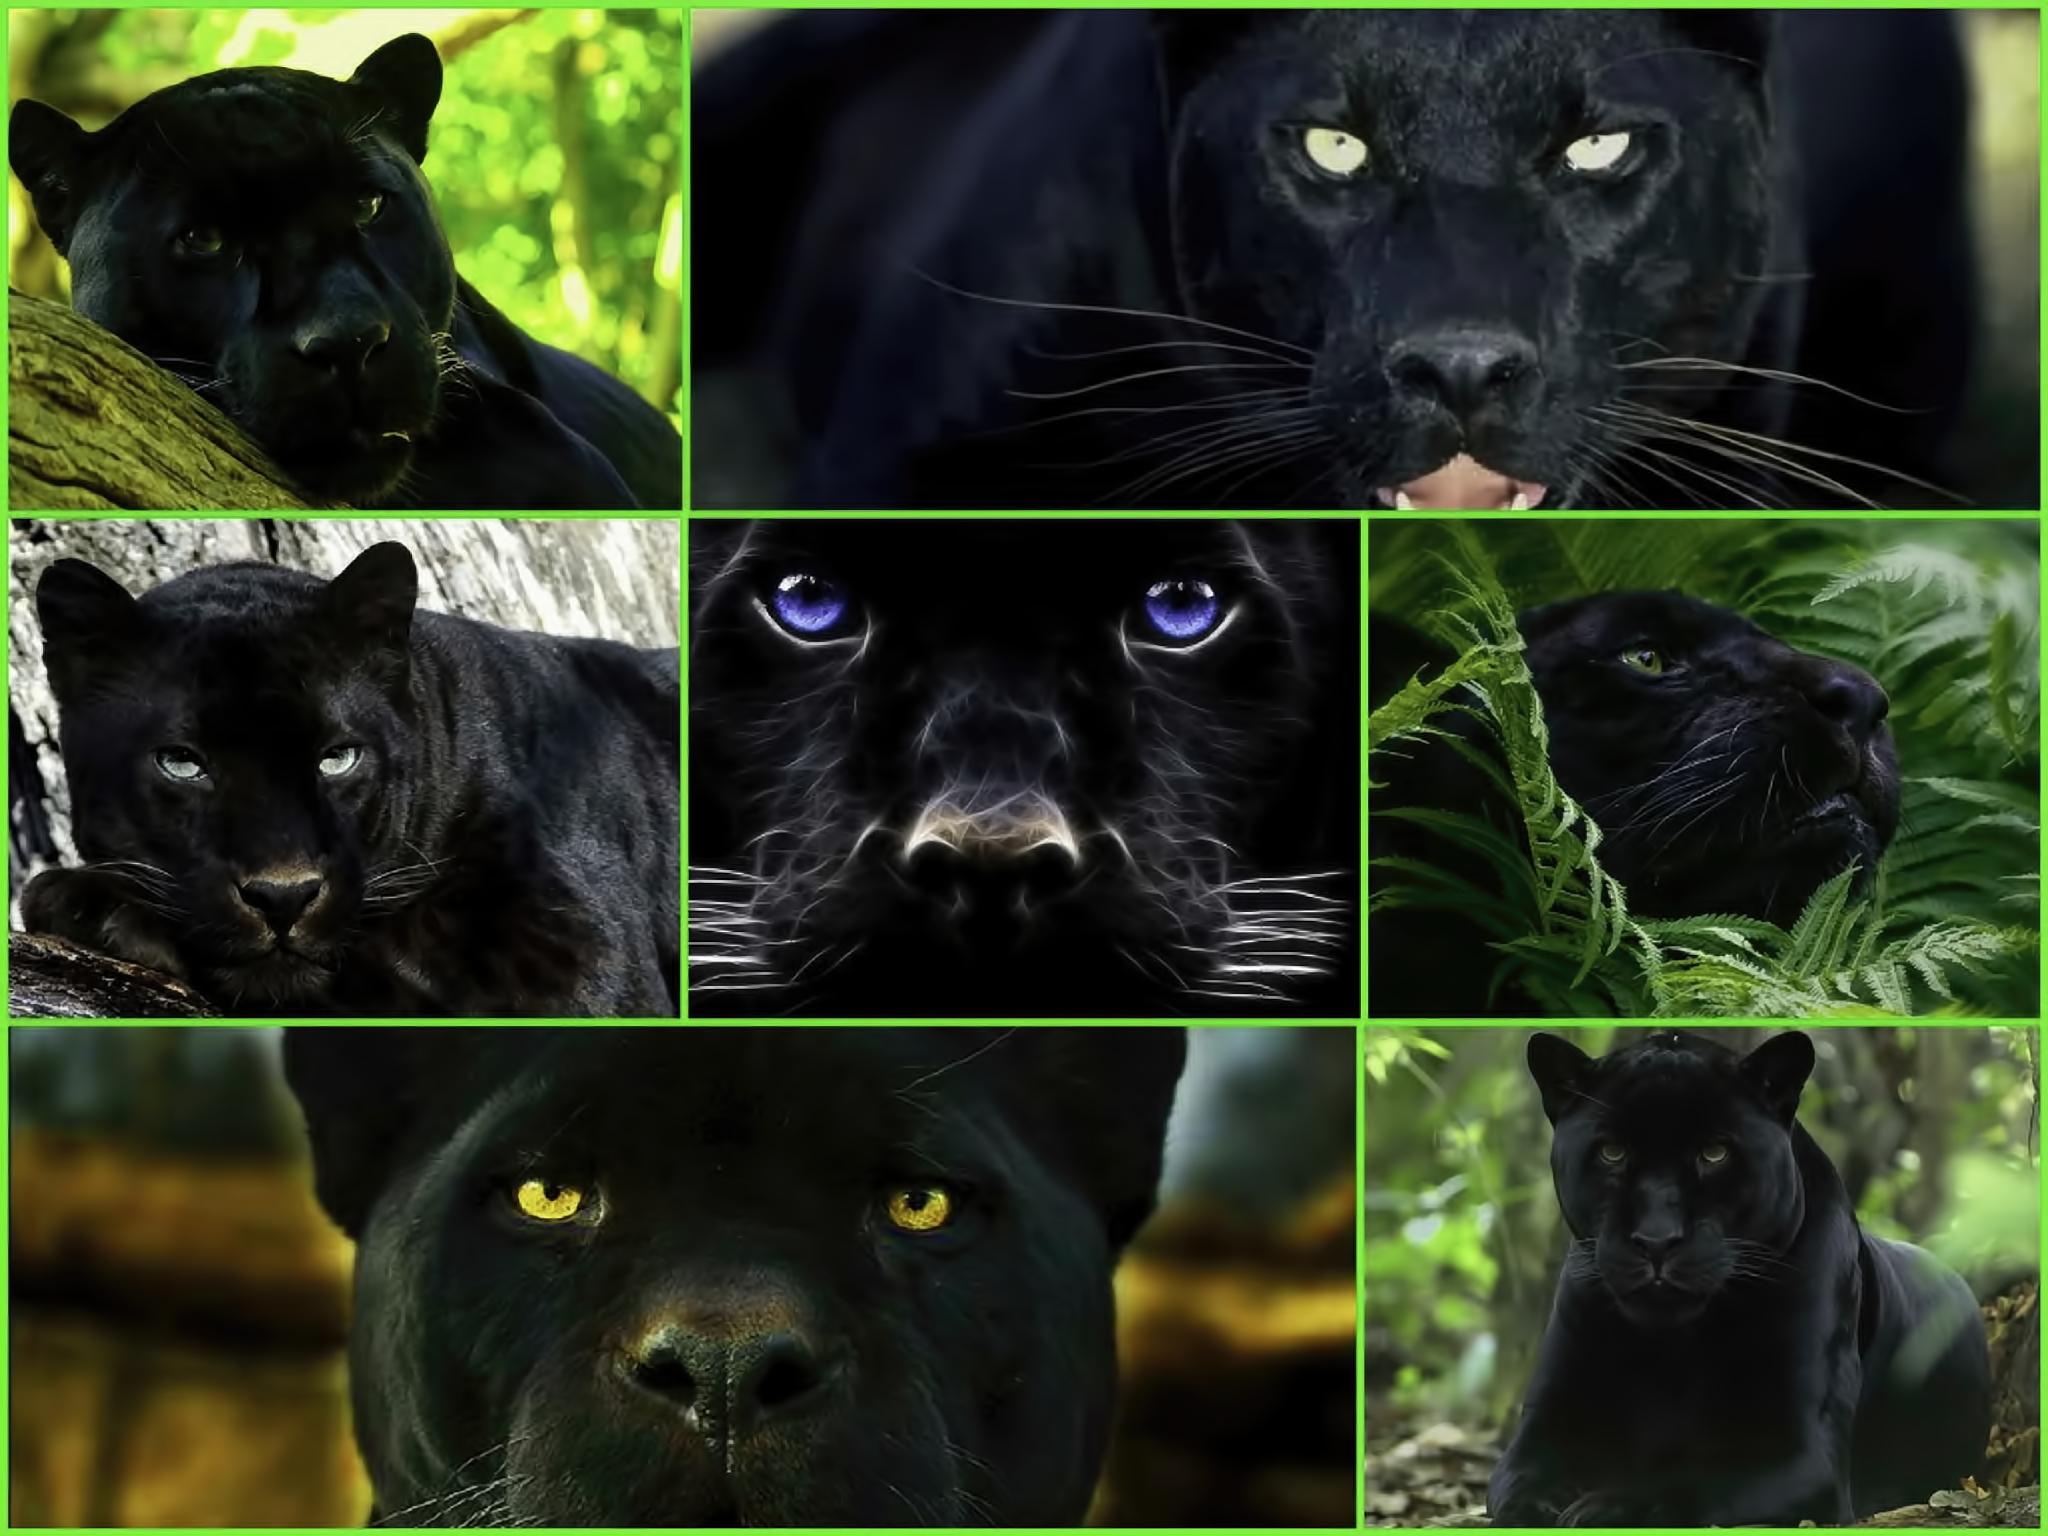 tiger, animal, endangered, predator, majestic